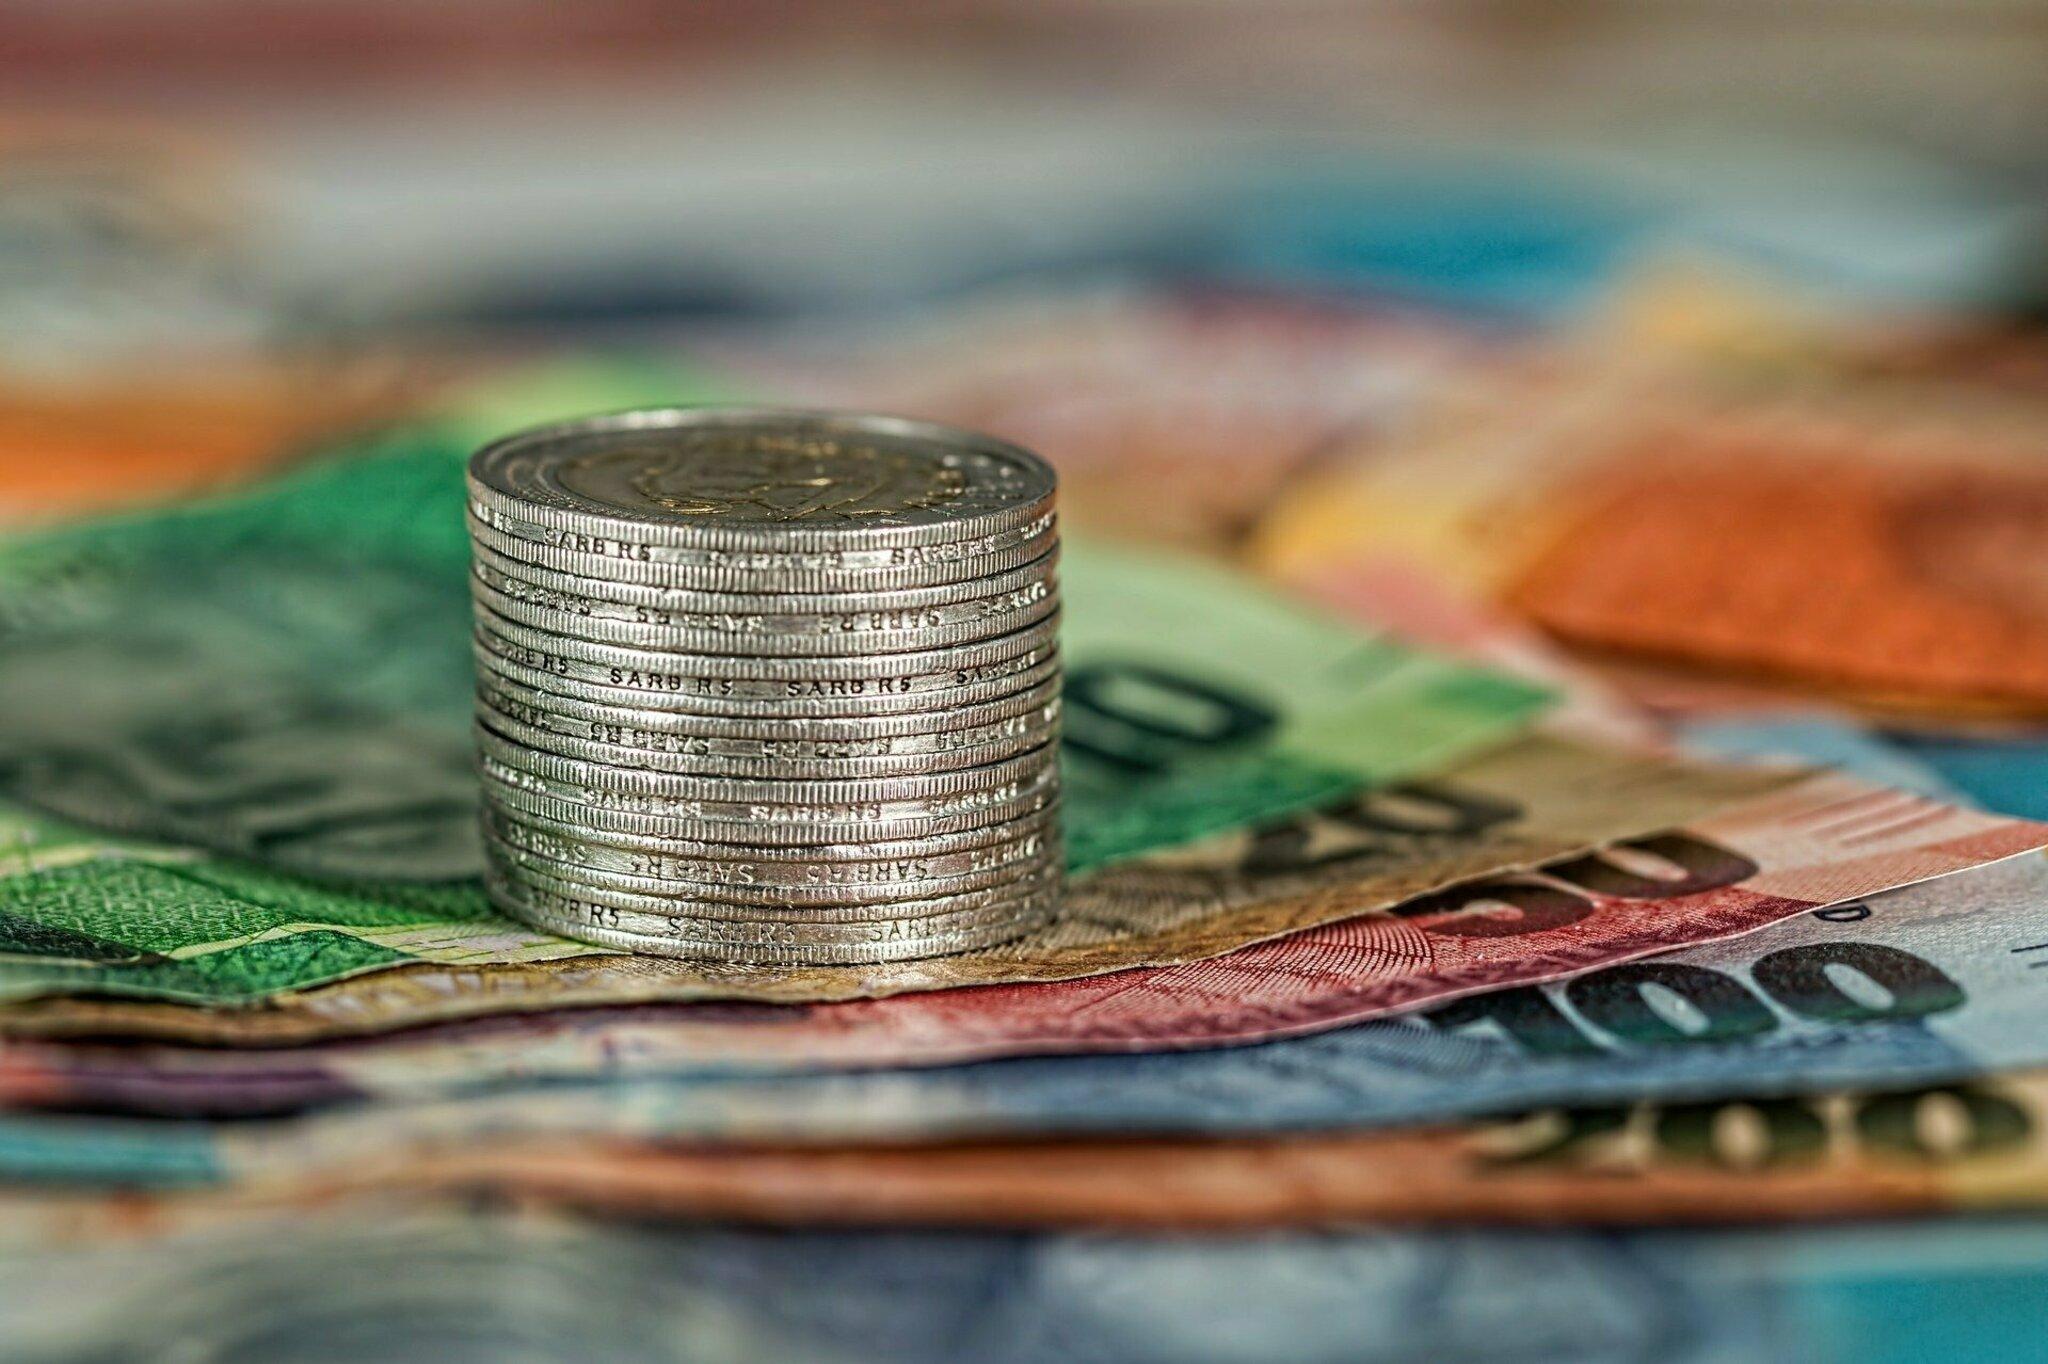 Falsches-Bettlerpaar-fordert-Bargeld